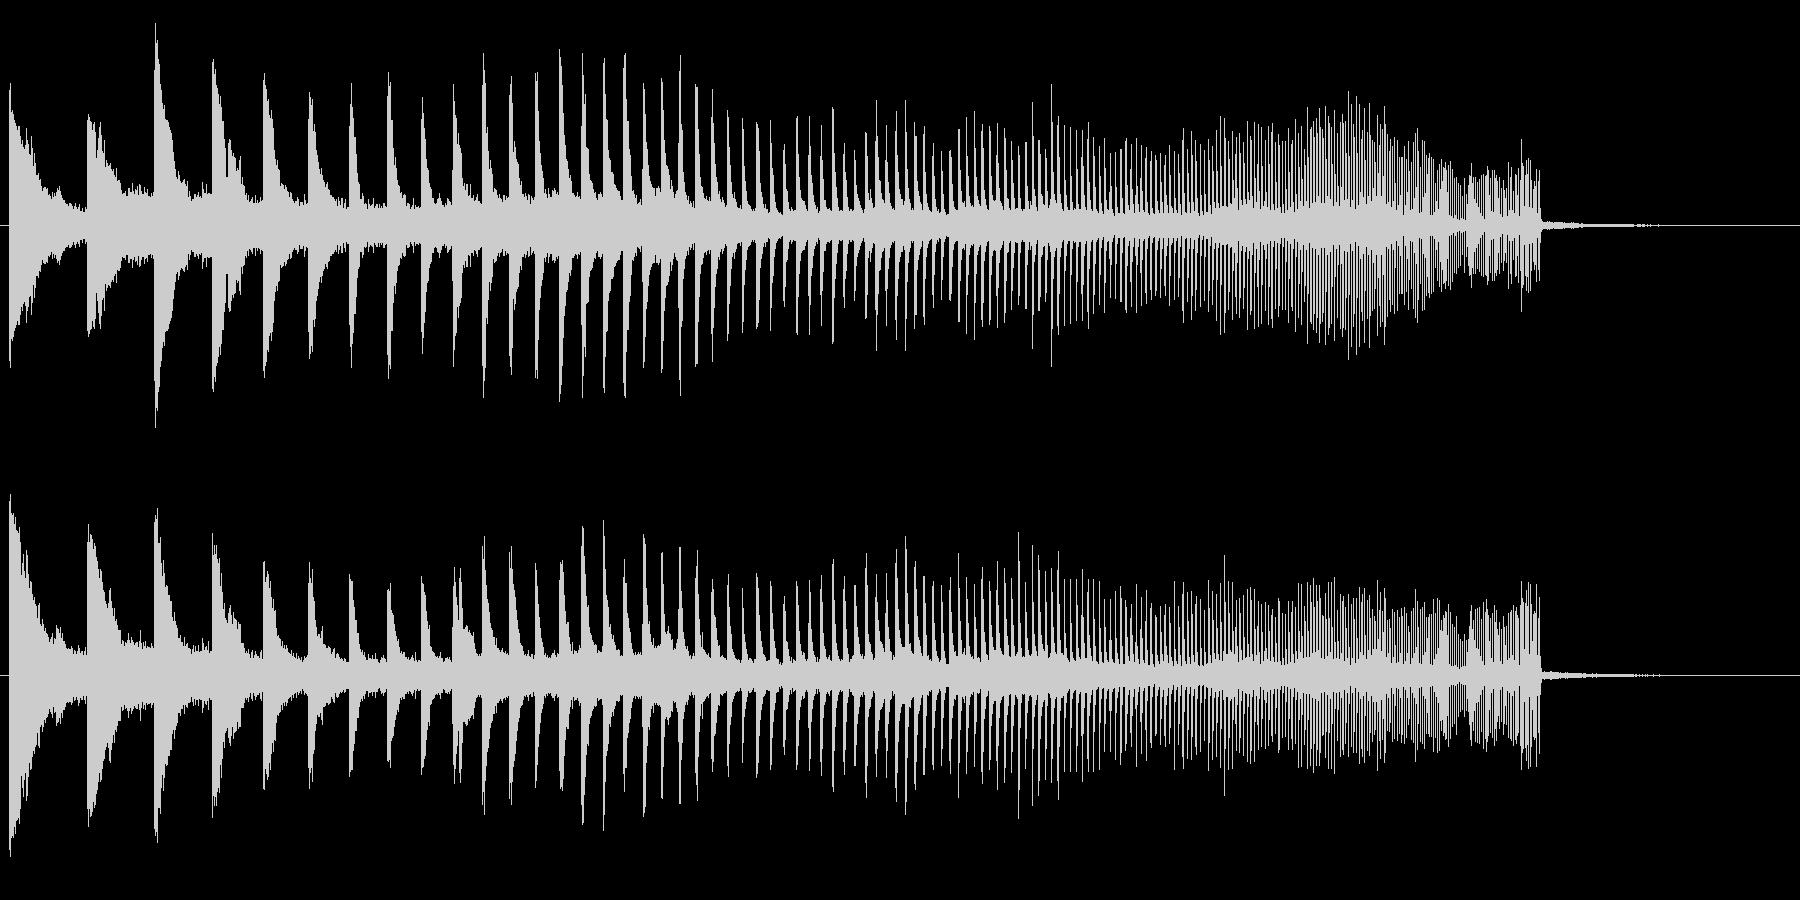 上昇 メタルヒット01の未再生の波形